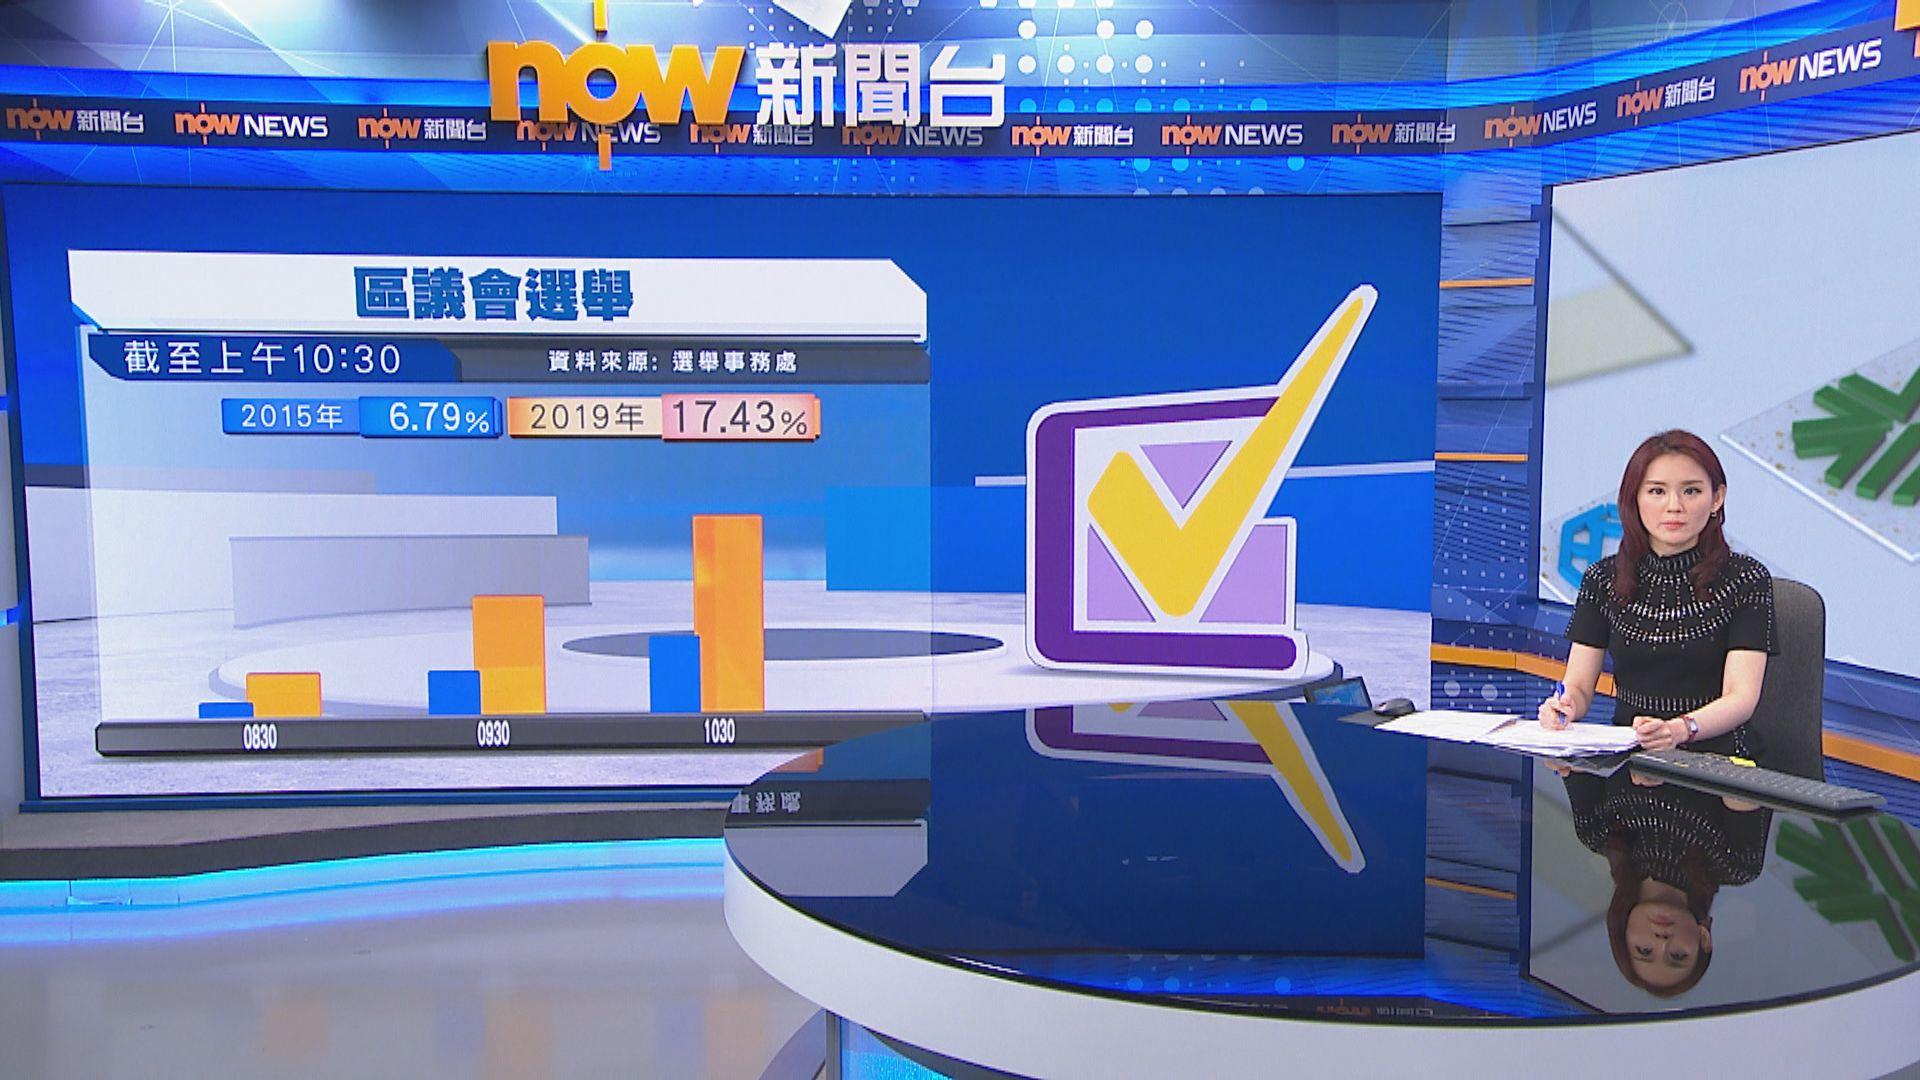 【截至1030】投票率為17.43% 逾72萬人投票